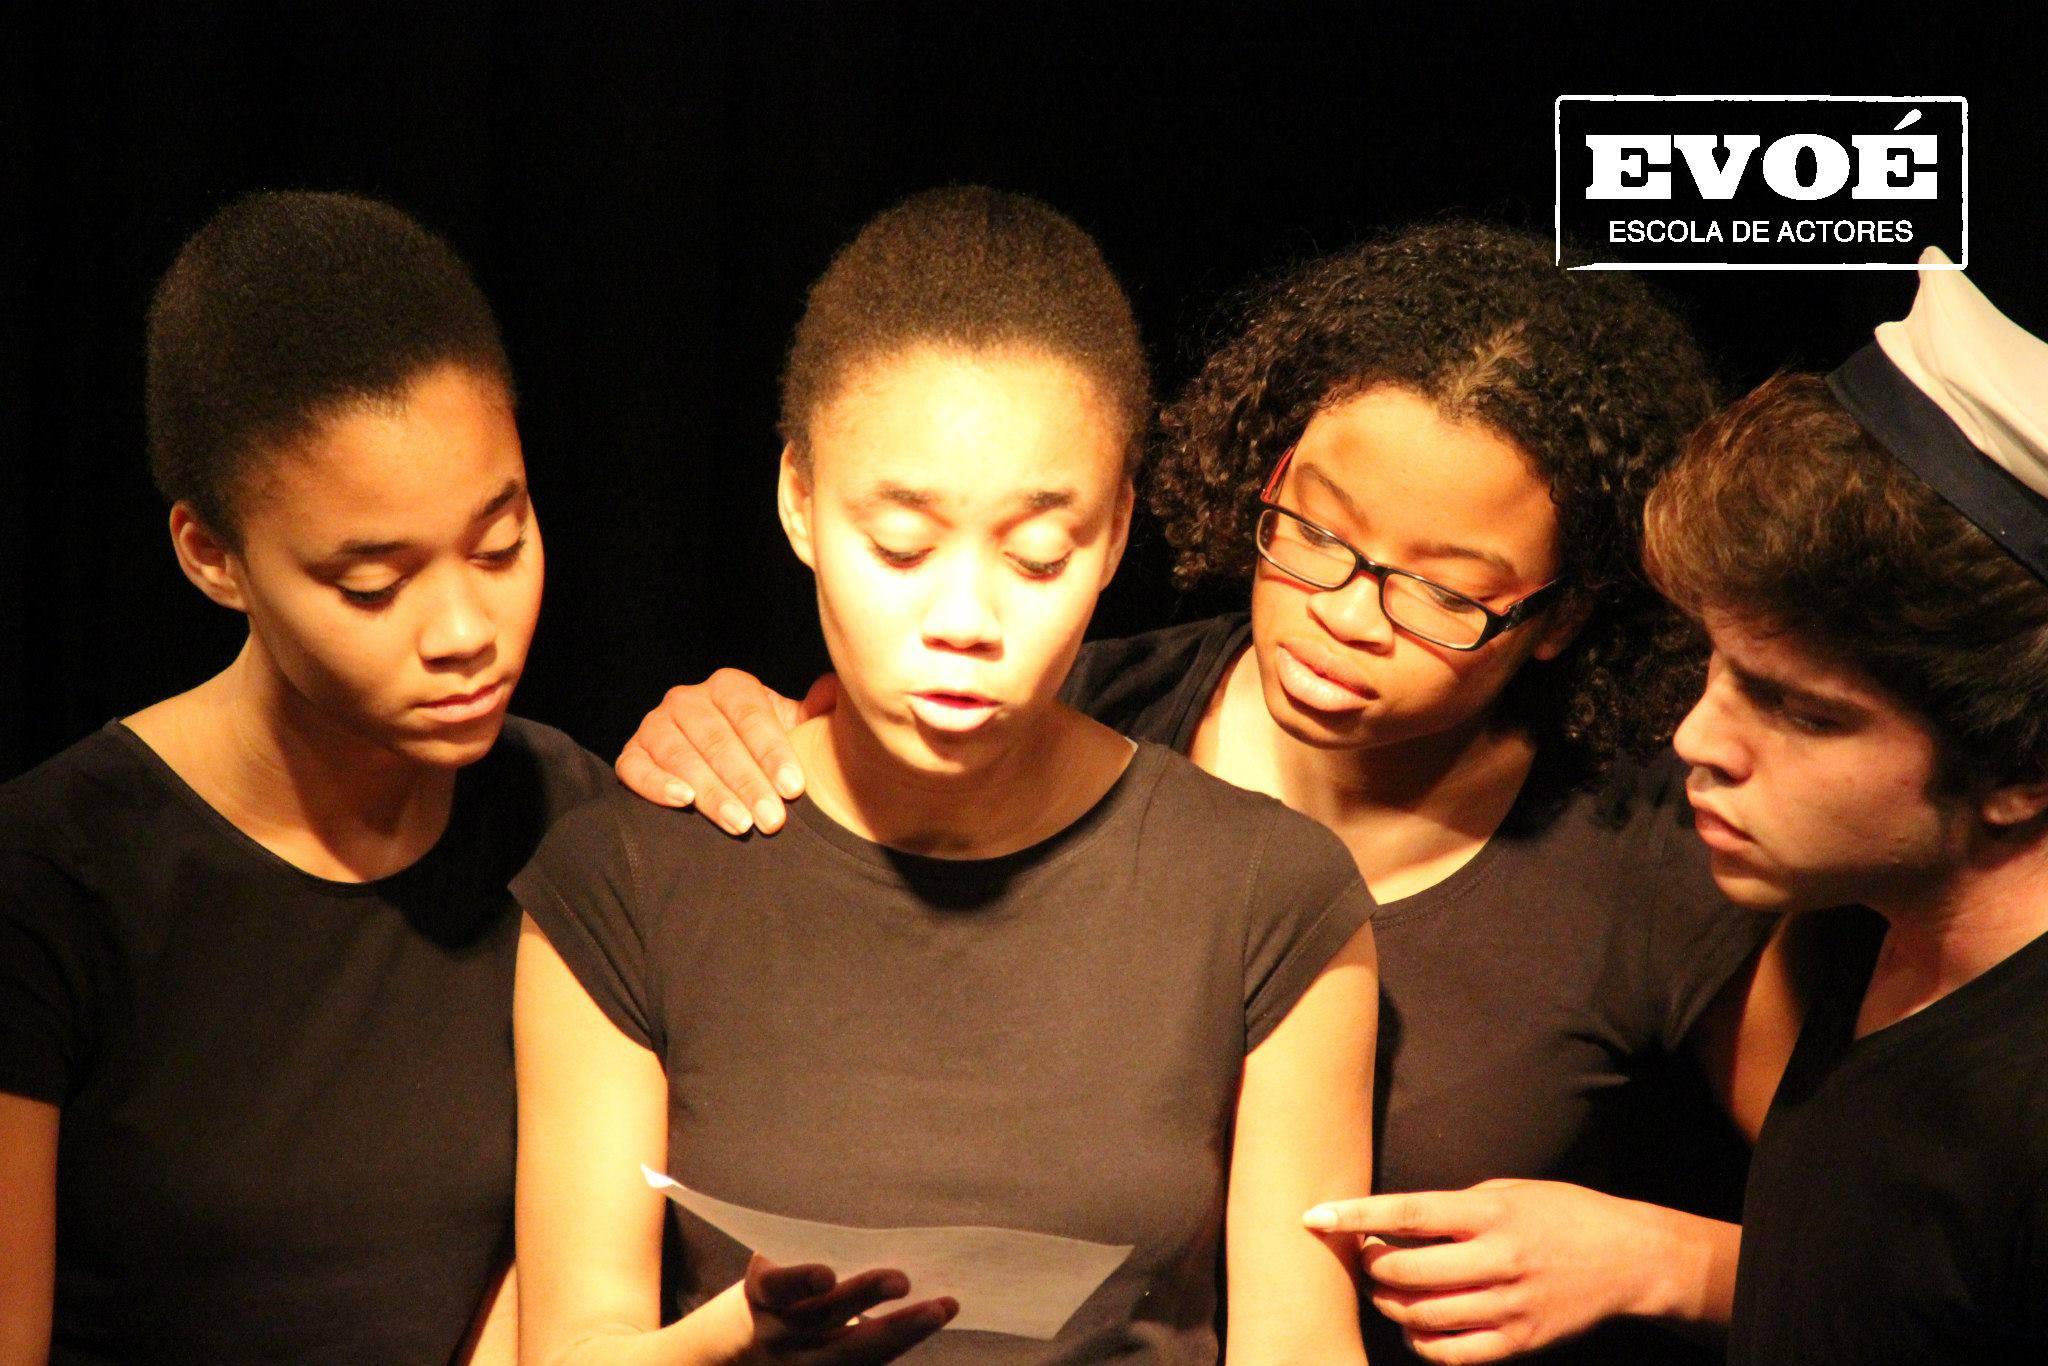 Iniciação ao Teatro para Jovens- Evoé escola de actores